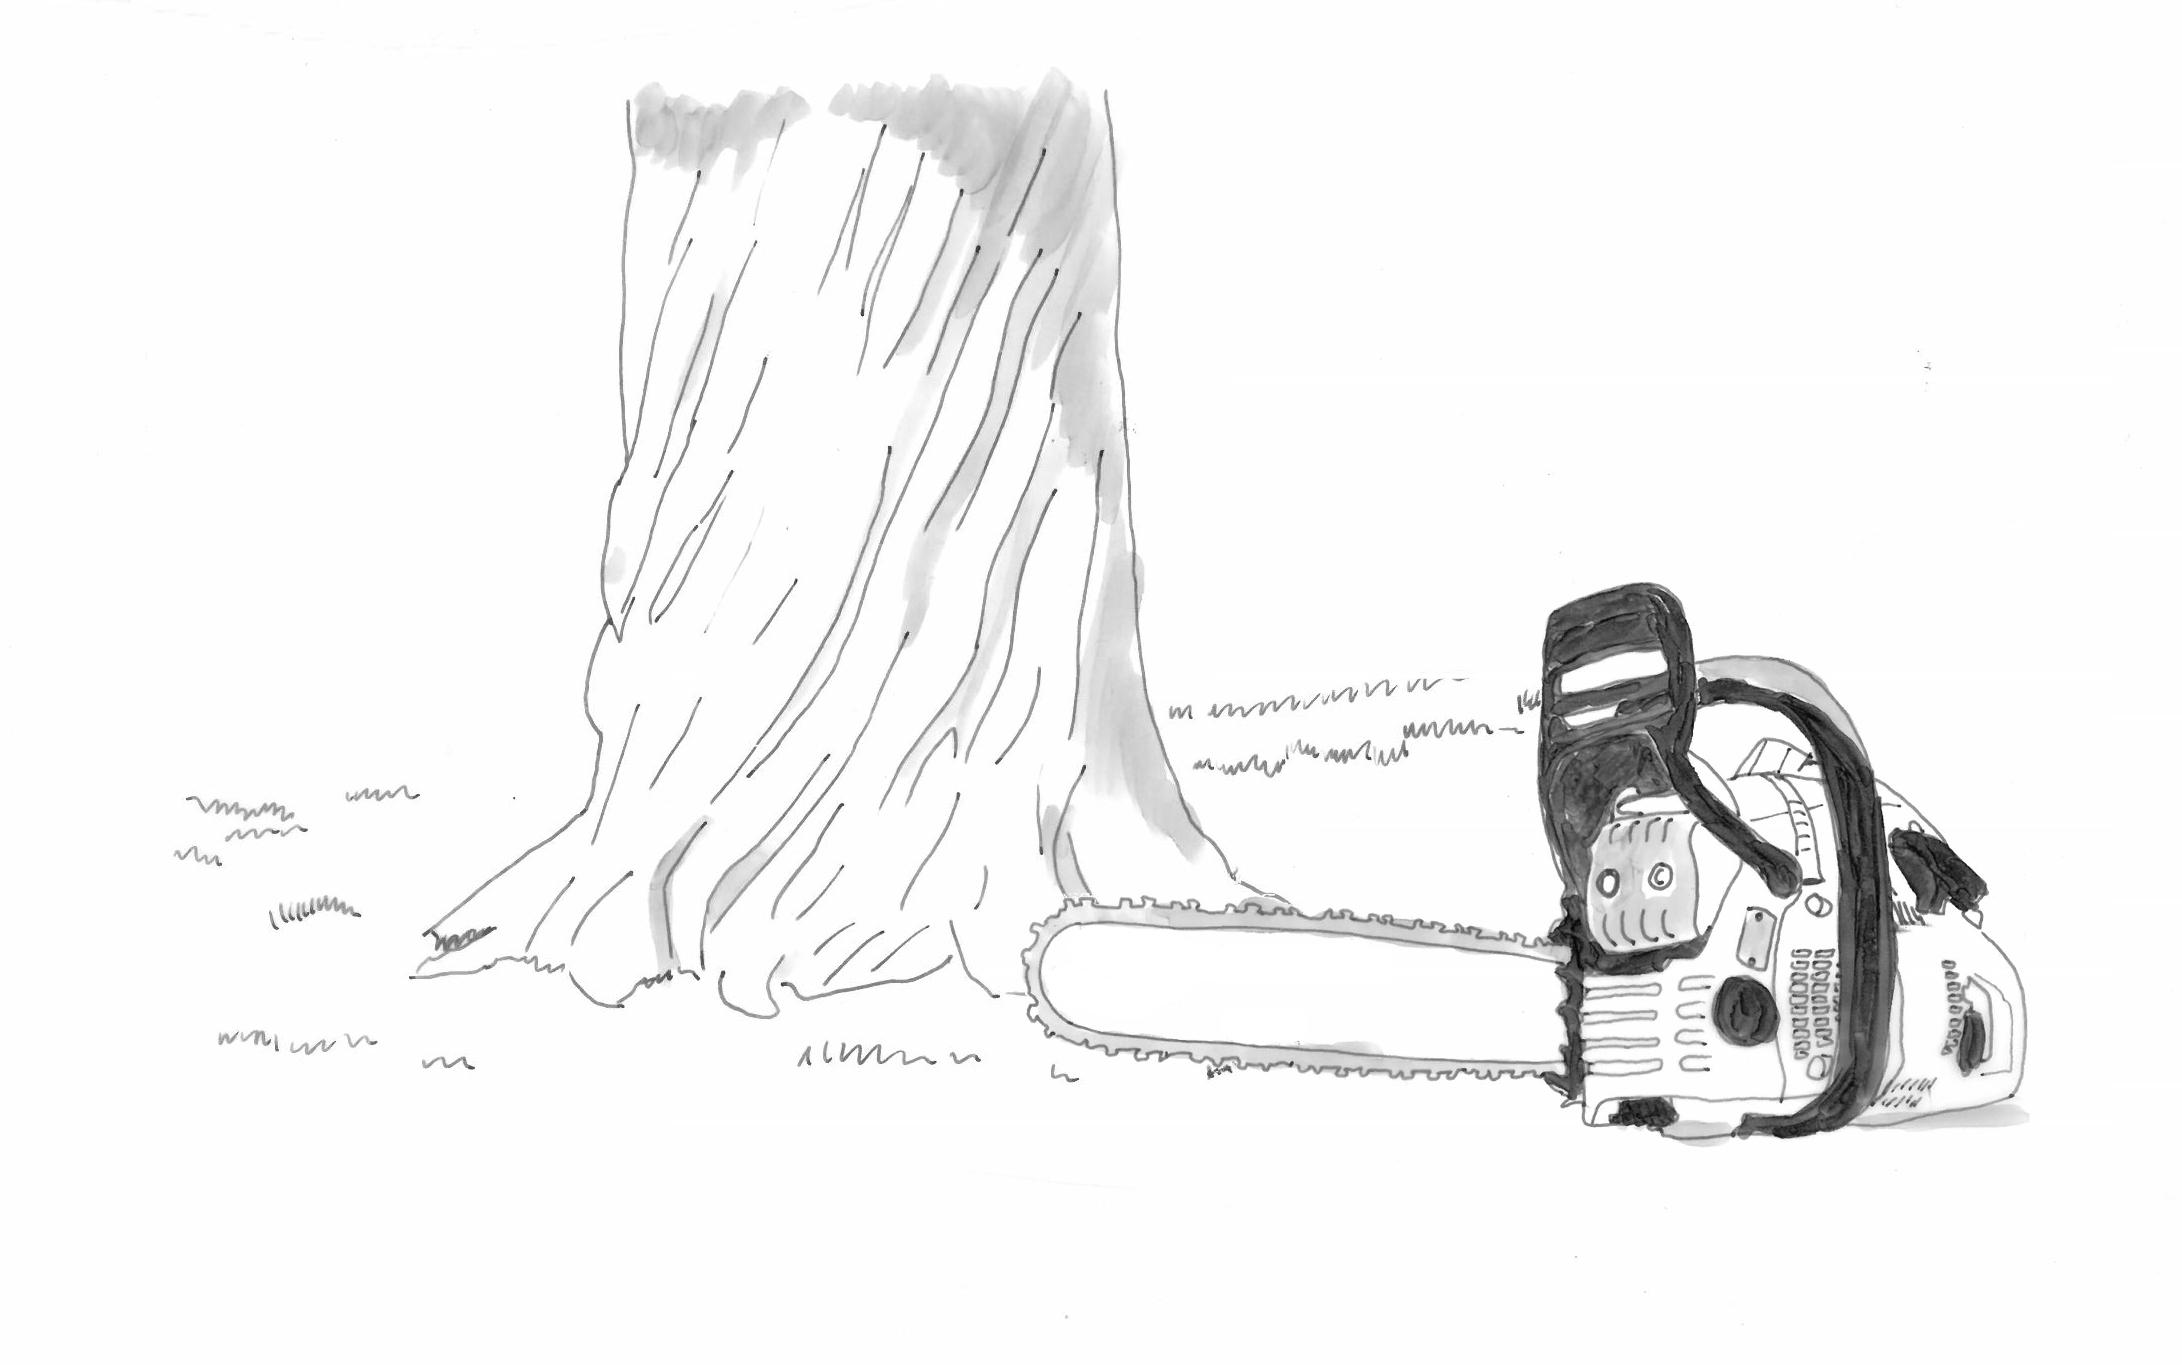 Skizze s/w eines Baumstamms und einer Motorsäge